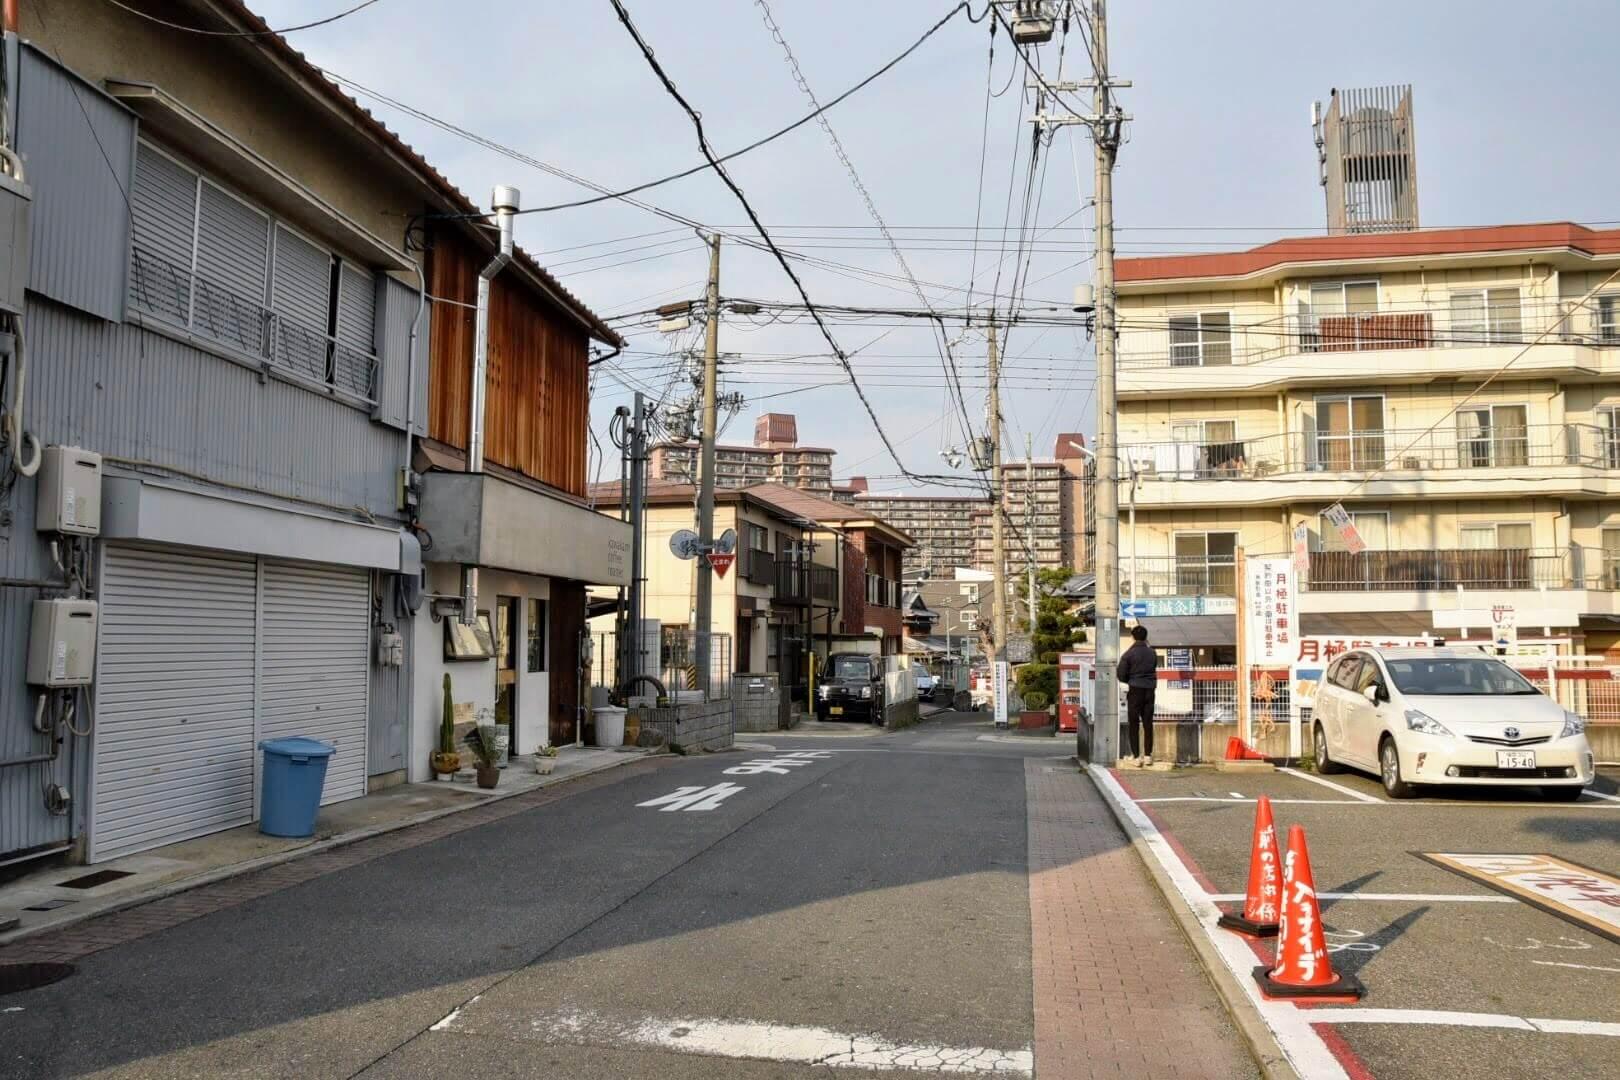 吹田の山田にあるkawakami coffee roaster(カワカミコーヒーロースター)